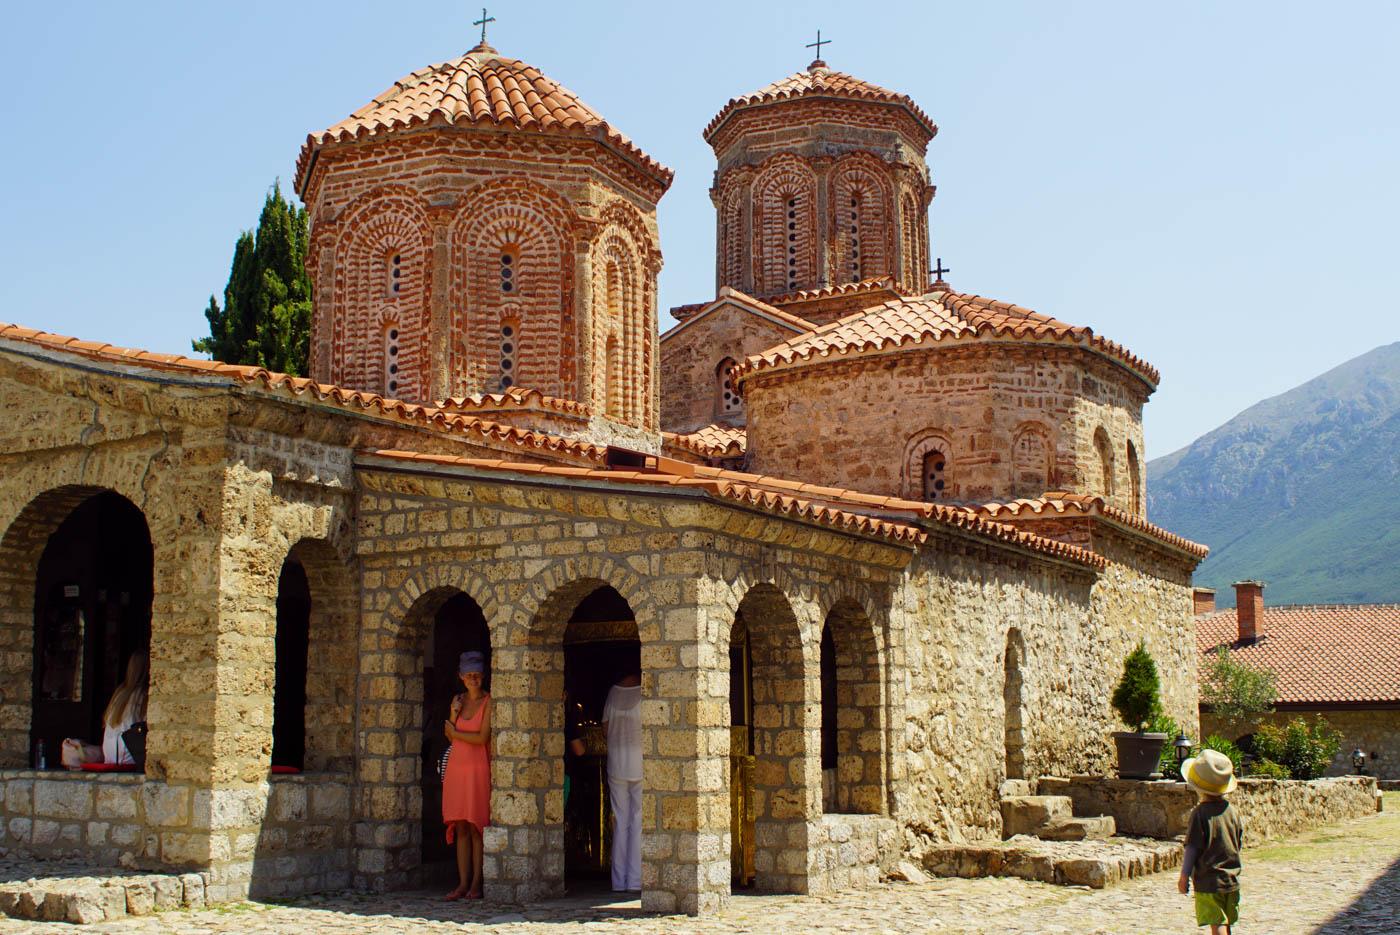 Im Vordergrund steht Luk mit Hut und blickt auf die Kirche von Sveti Naum. Lea steht in einem der Bögen und blickt lächelnd zu Luk